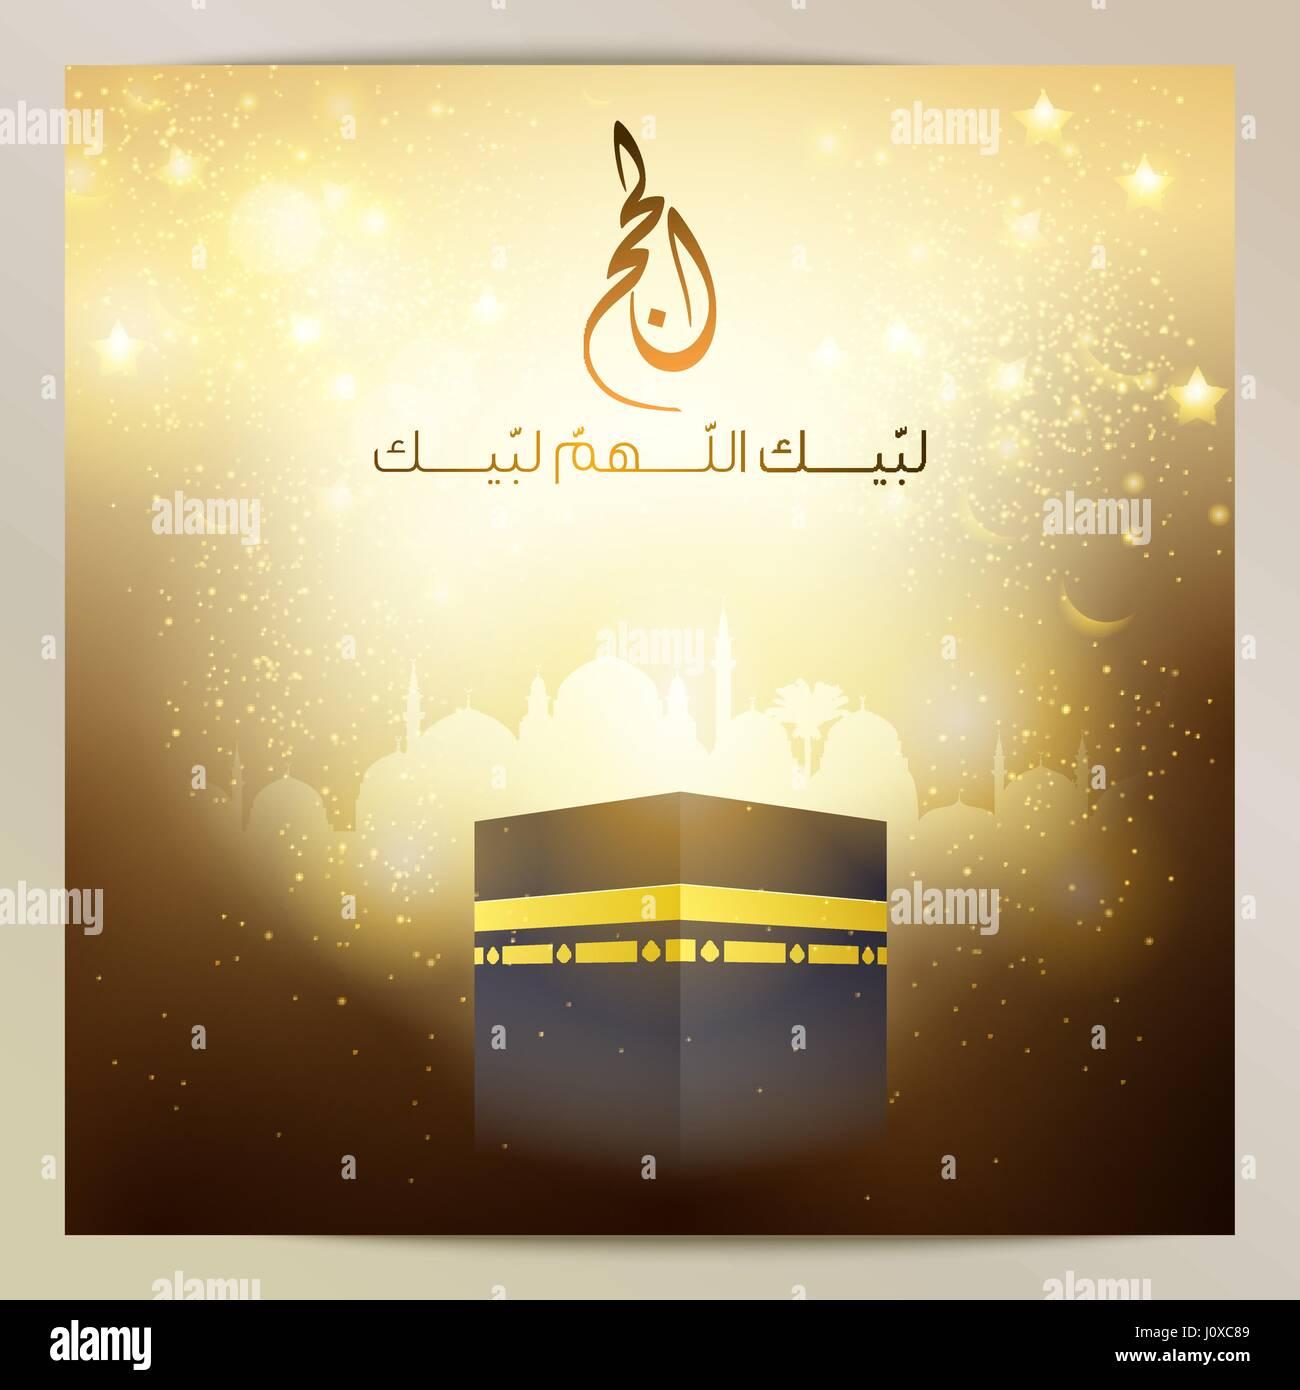 Kaaba and mosque gold glow eid adha mubarak for hajj greeting stock kaaba and mosque gold glow eid adha mubarak for hajj greeting m4hsunfo